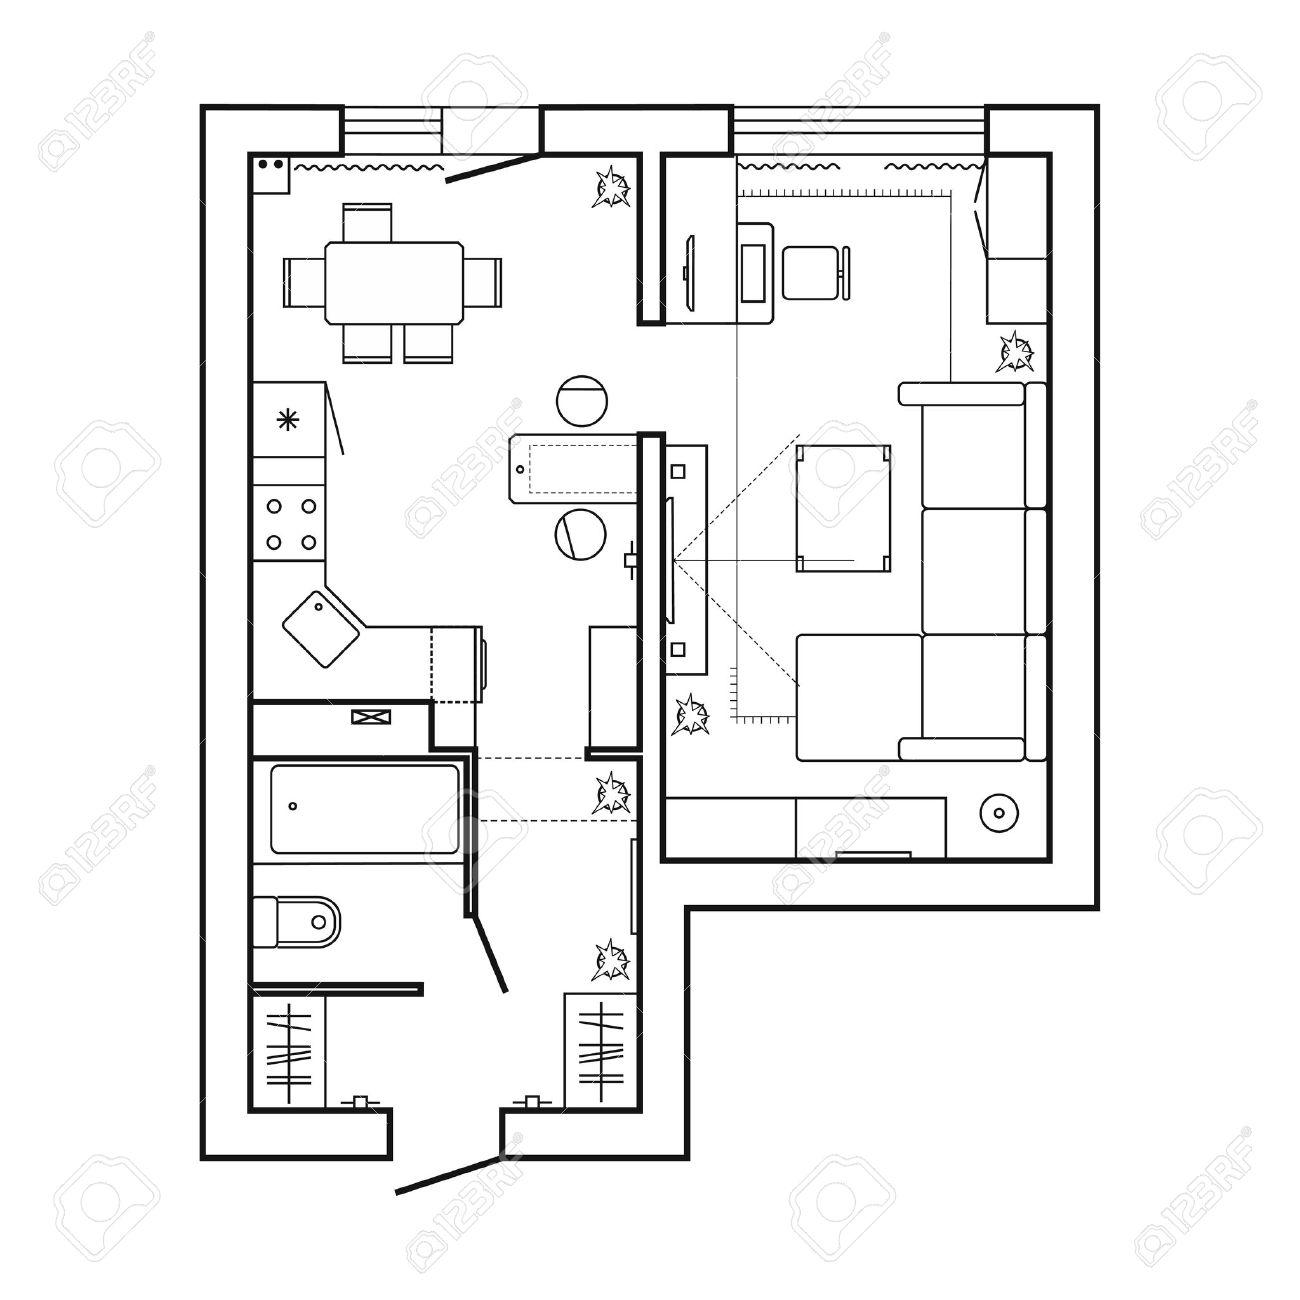 Architekturplan Mit Möbeln Haus Grundriss. Küche, Wohnzimmer Und Bad ...